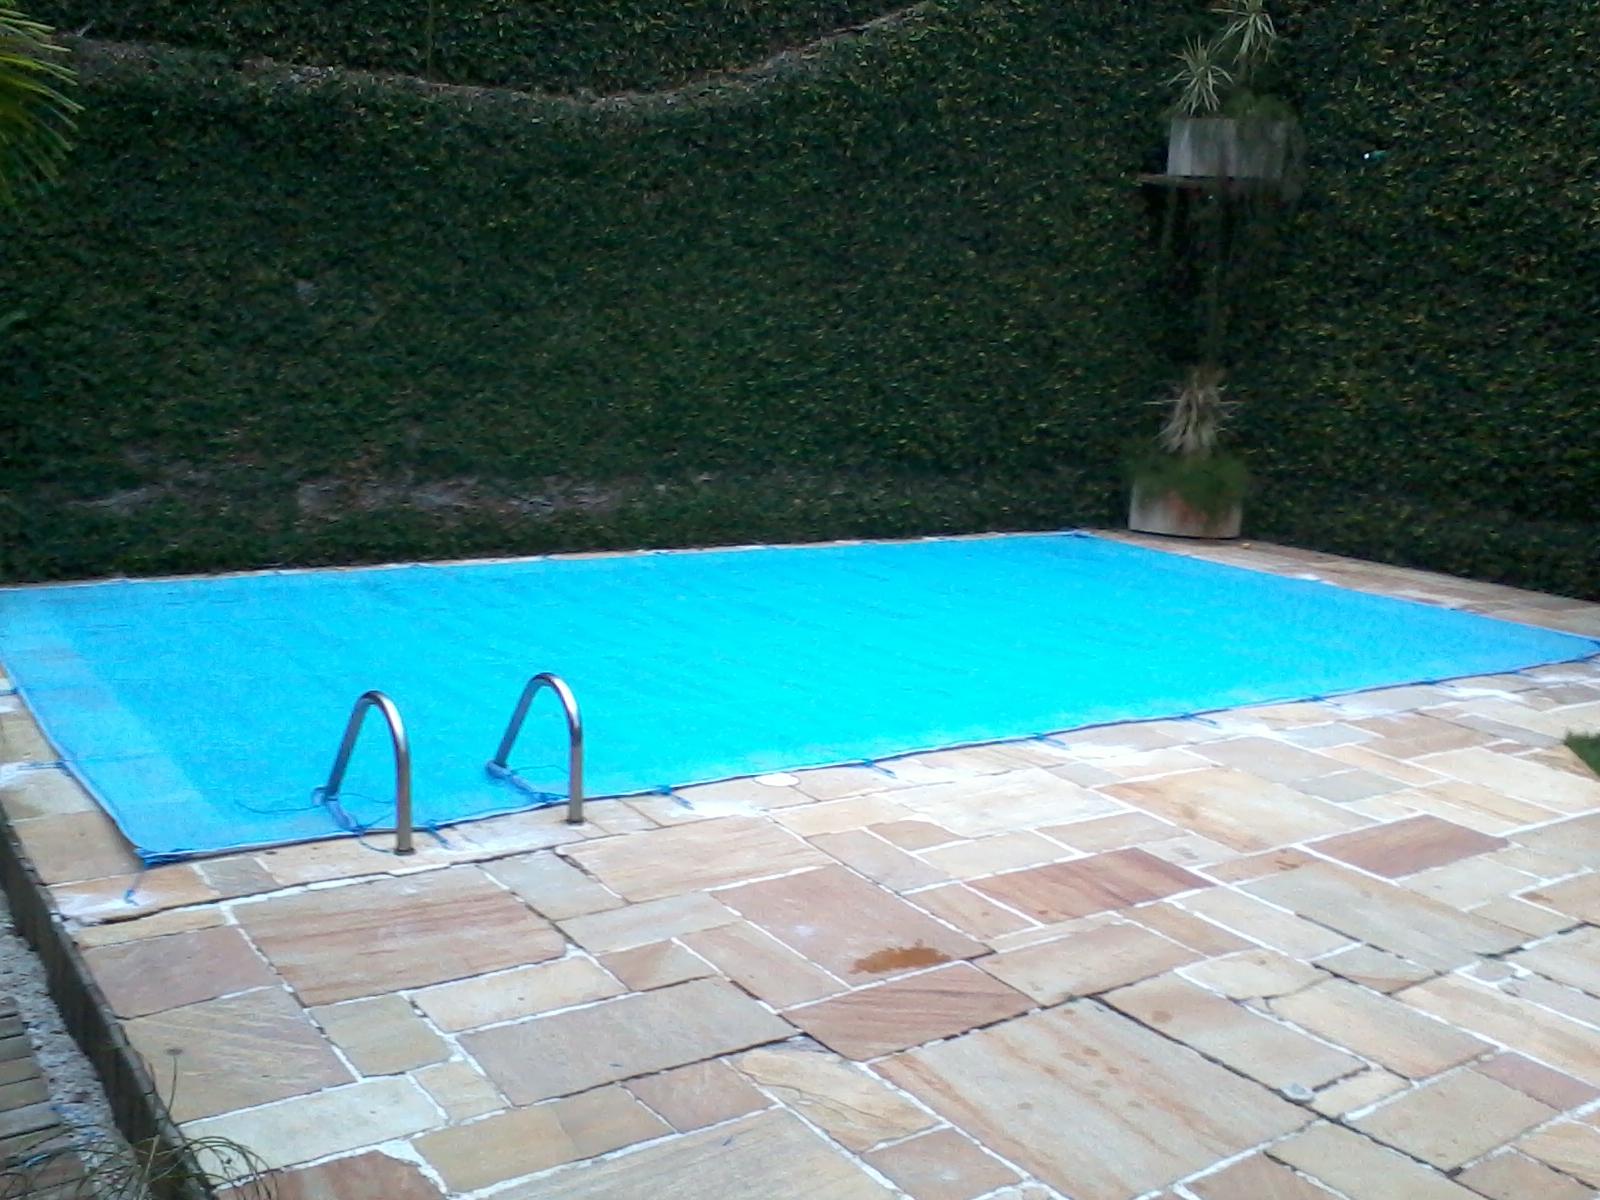 Capas para piscinas no rj telas de piscinas no rj for Tela impermeable para piscinas